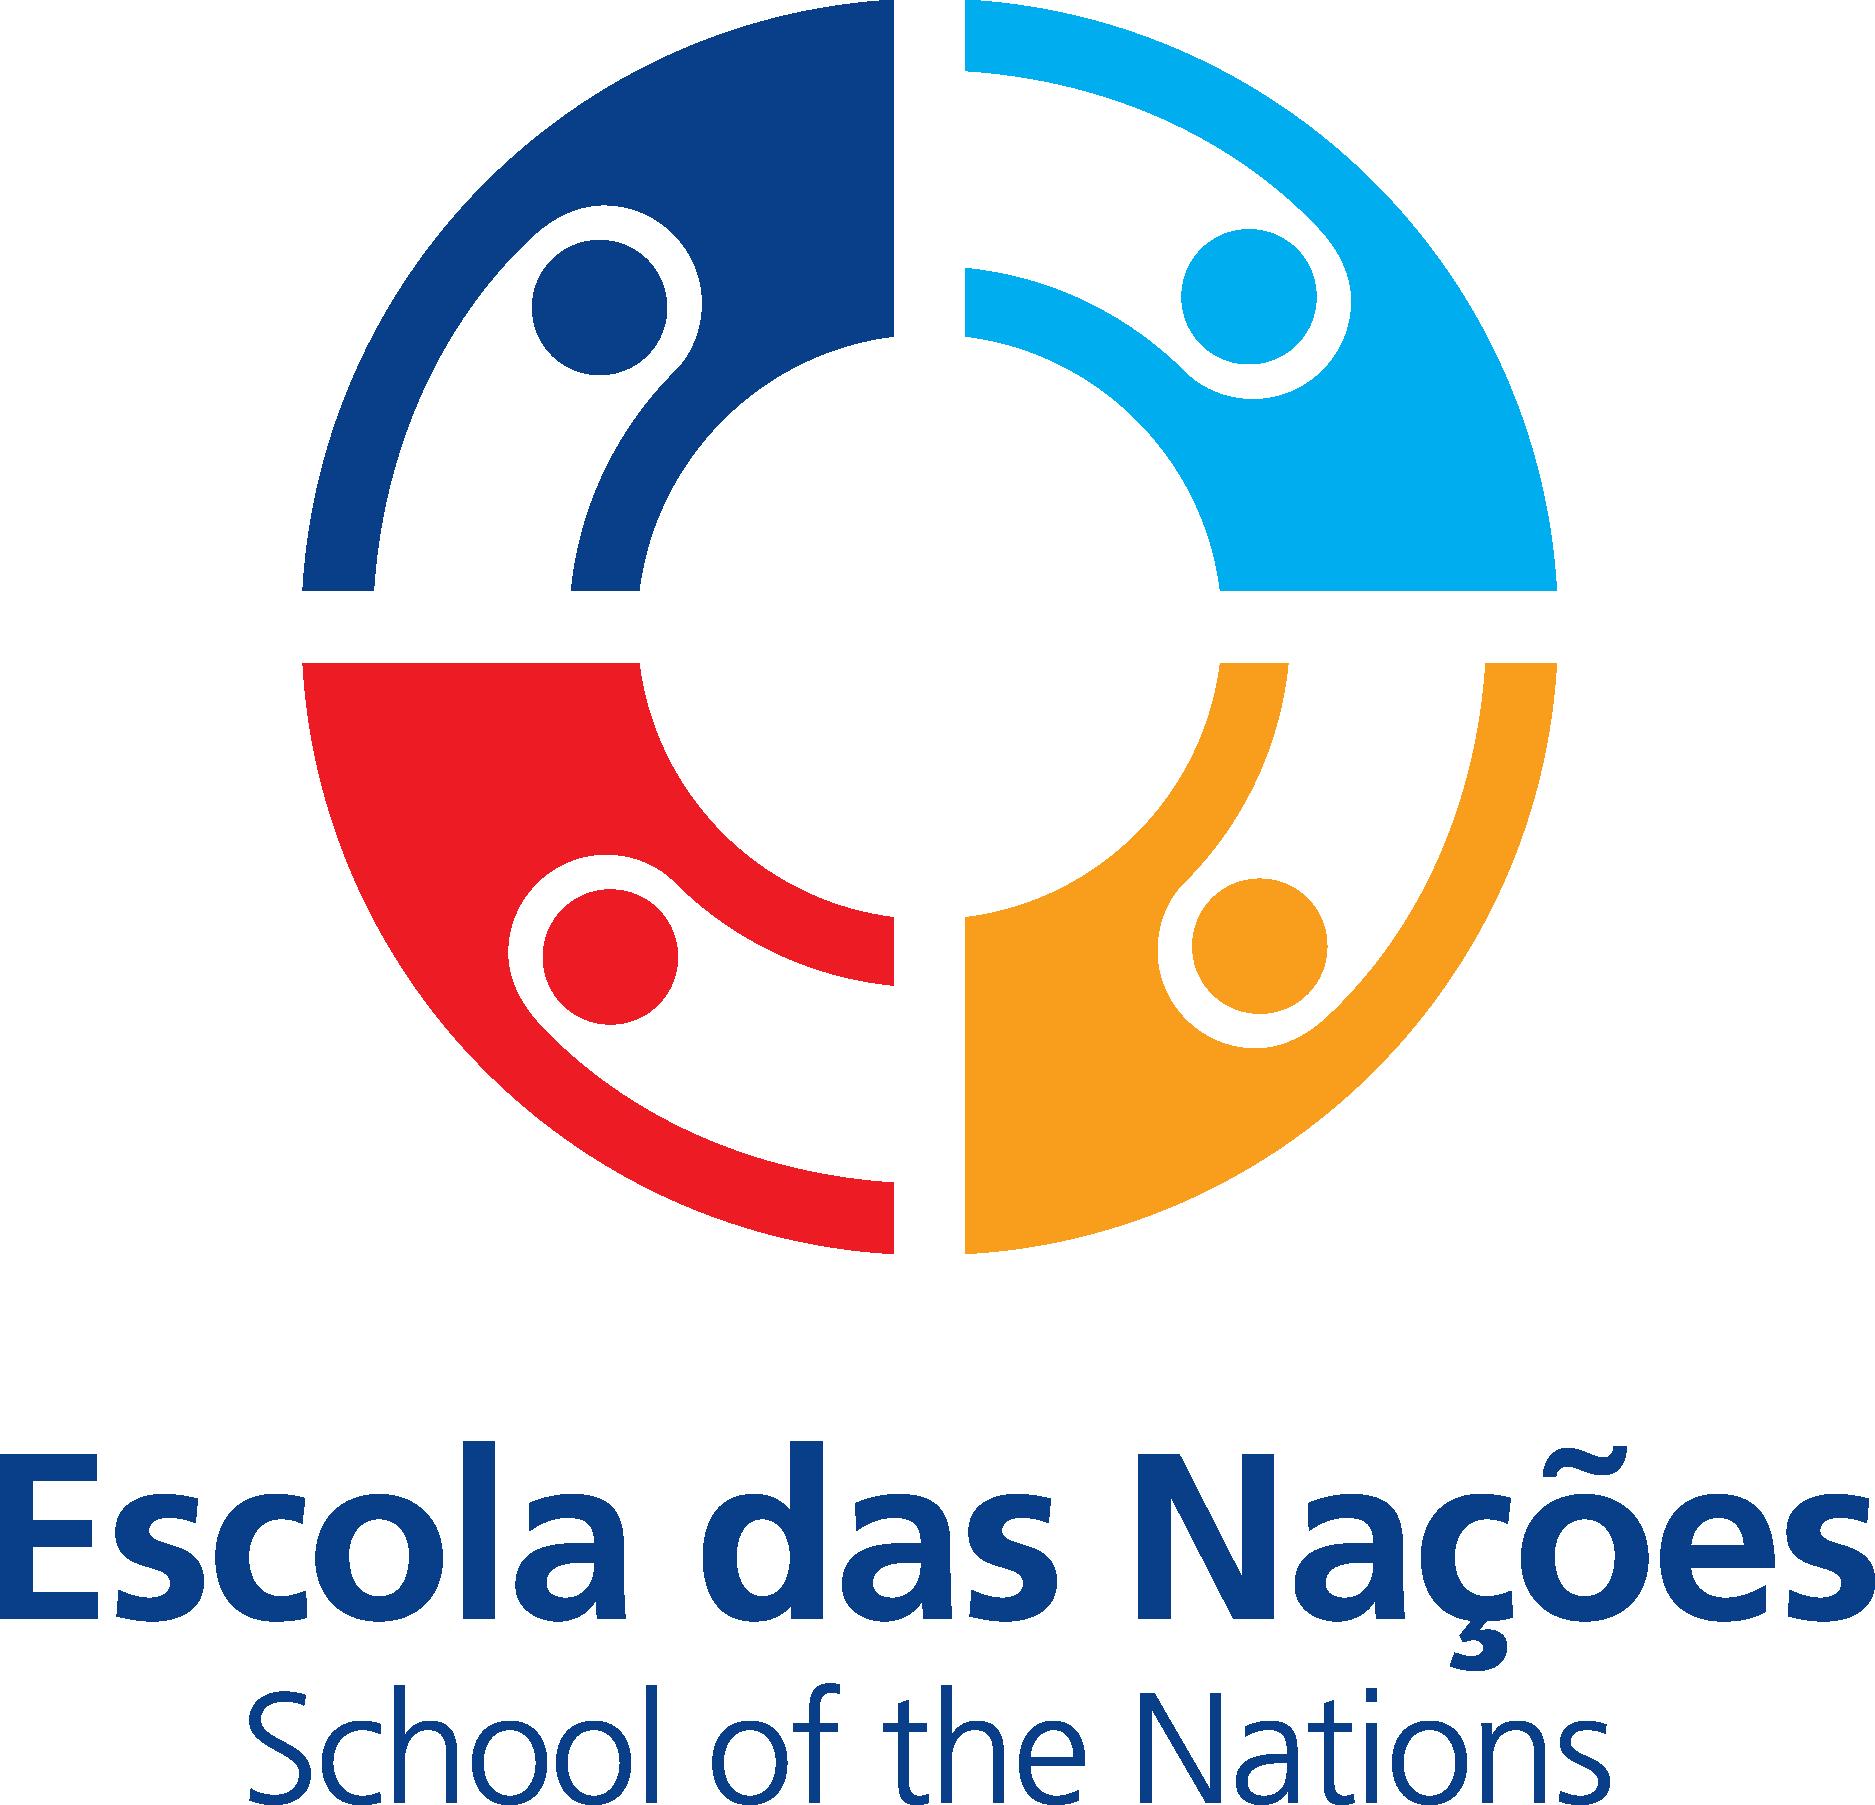 Escola das Nações